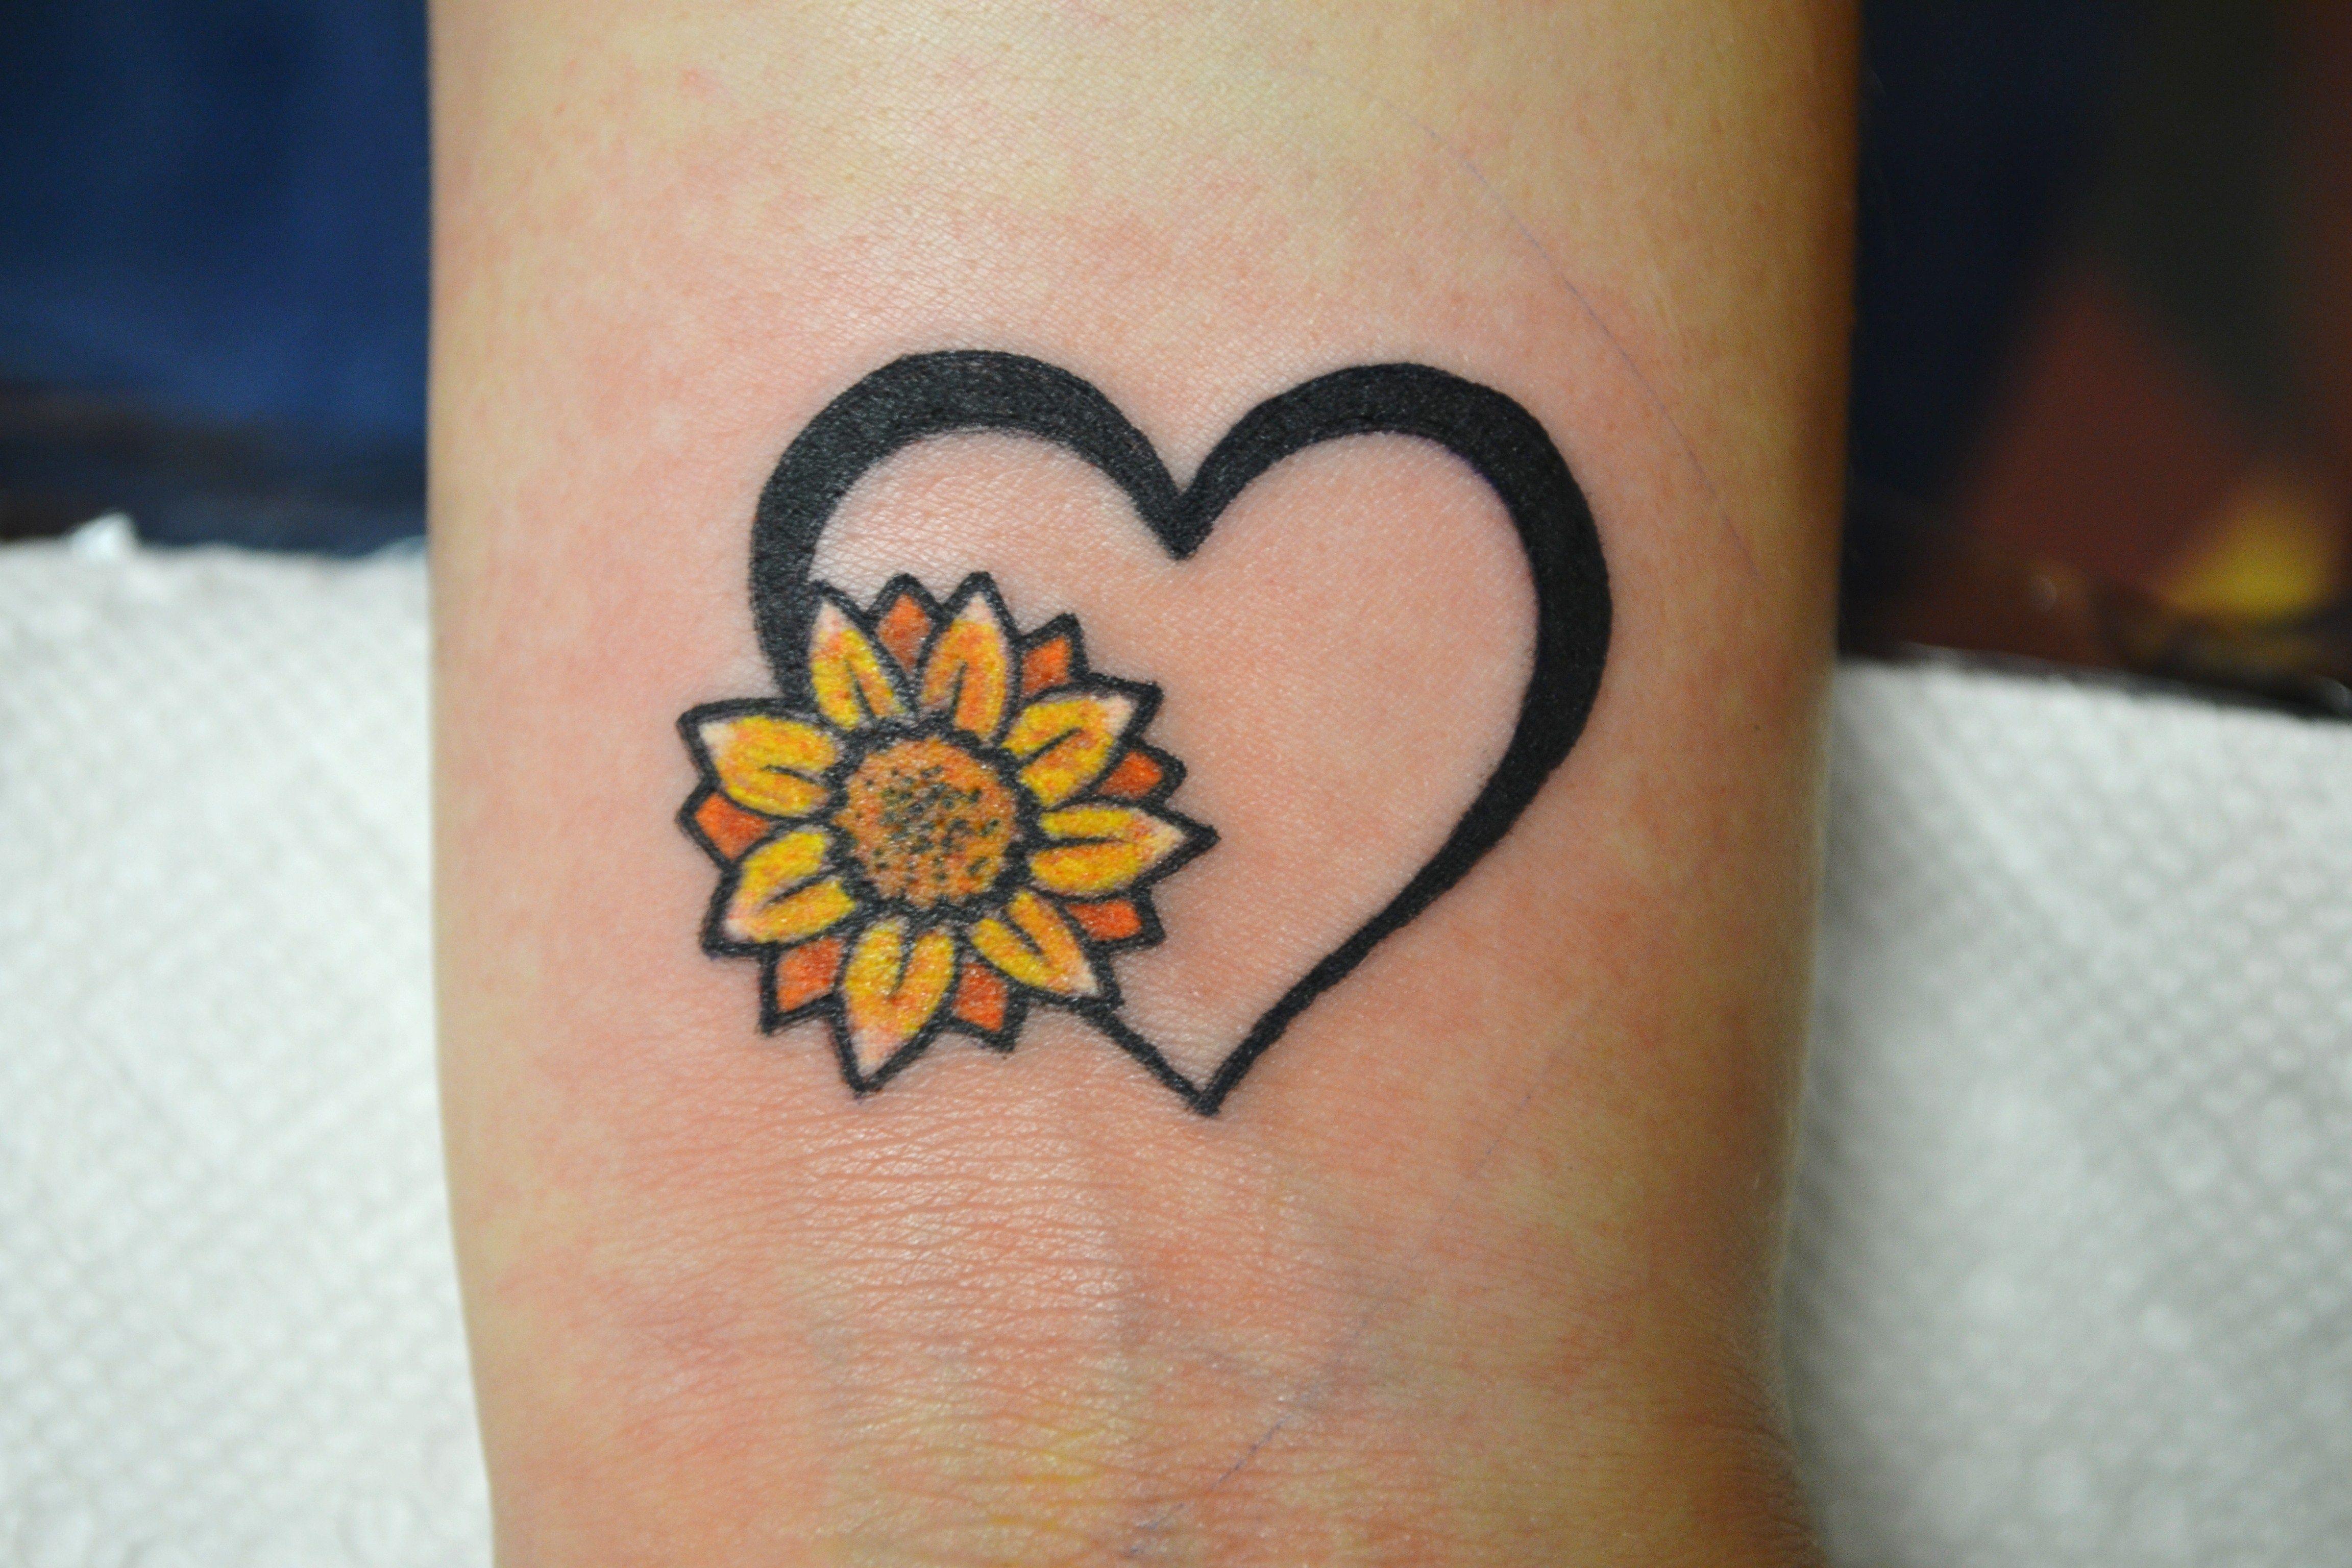 tiny tattoo sunflower heart wrist tattoo artist: Adrienne ...